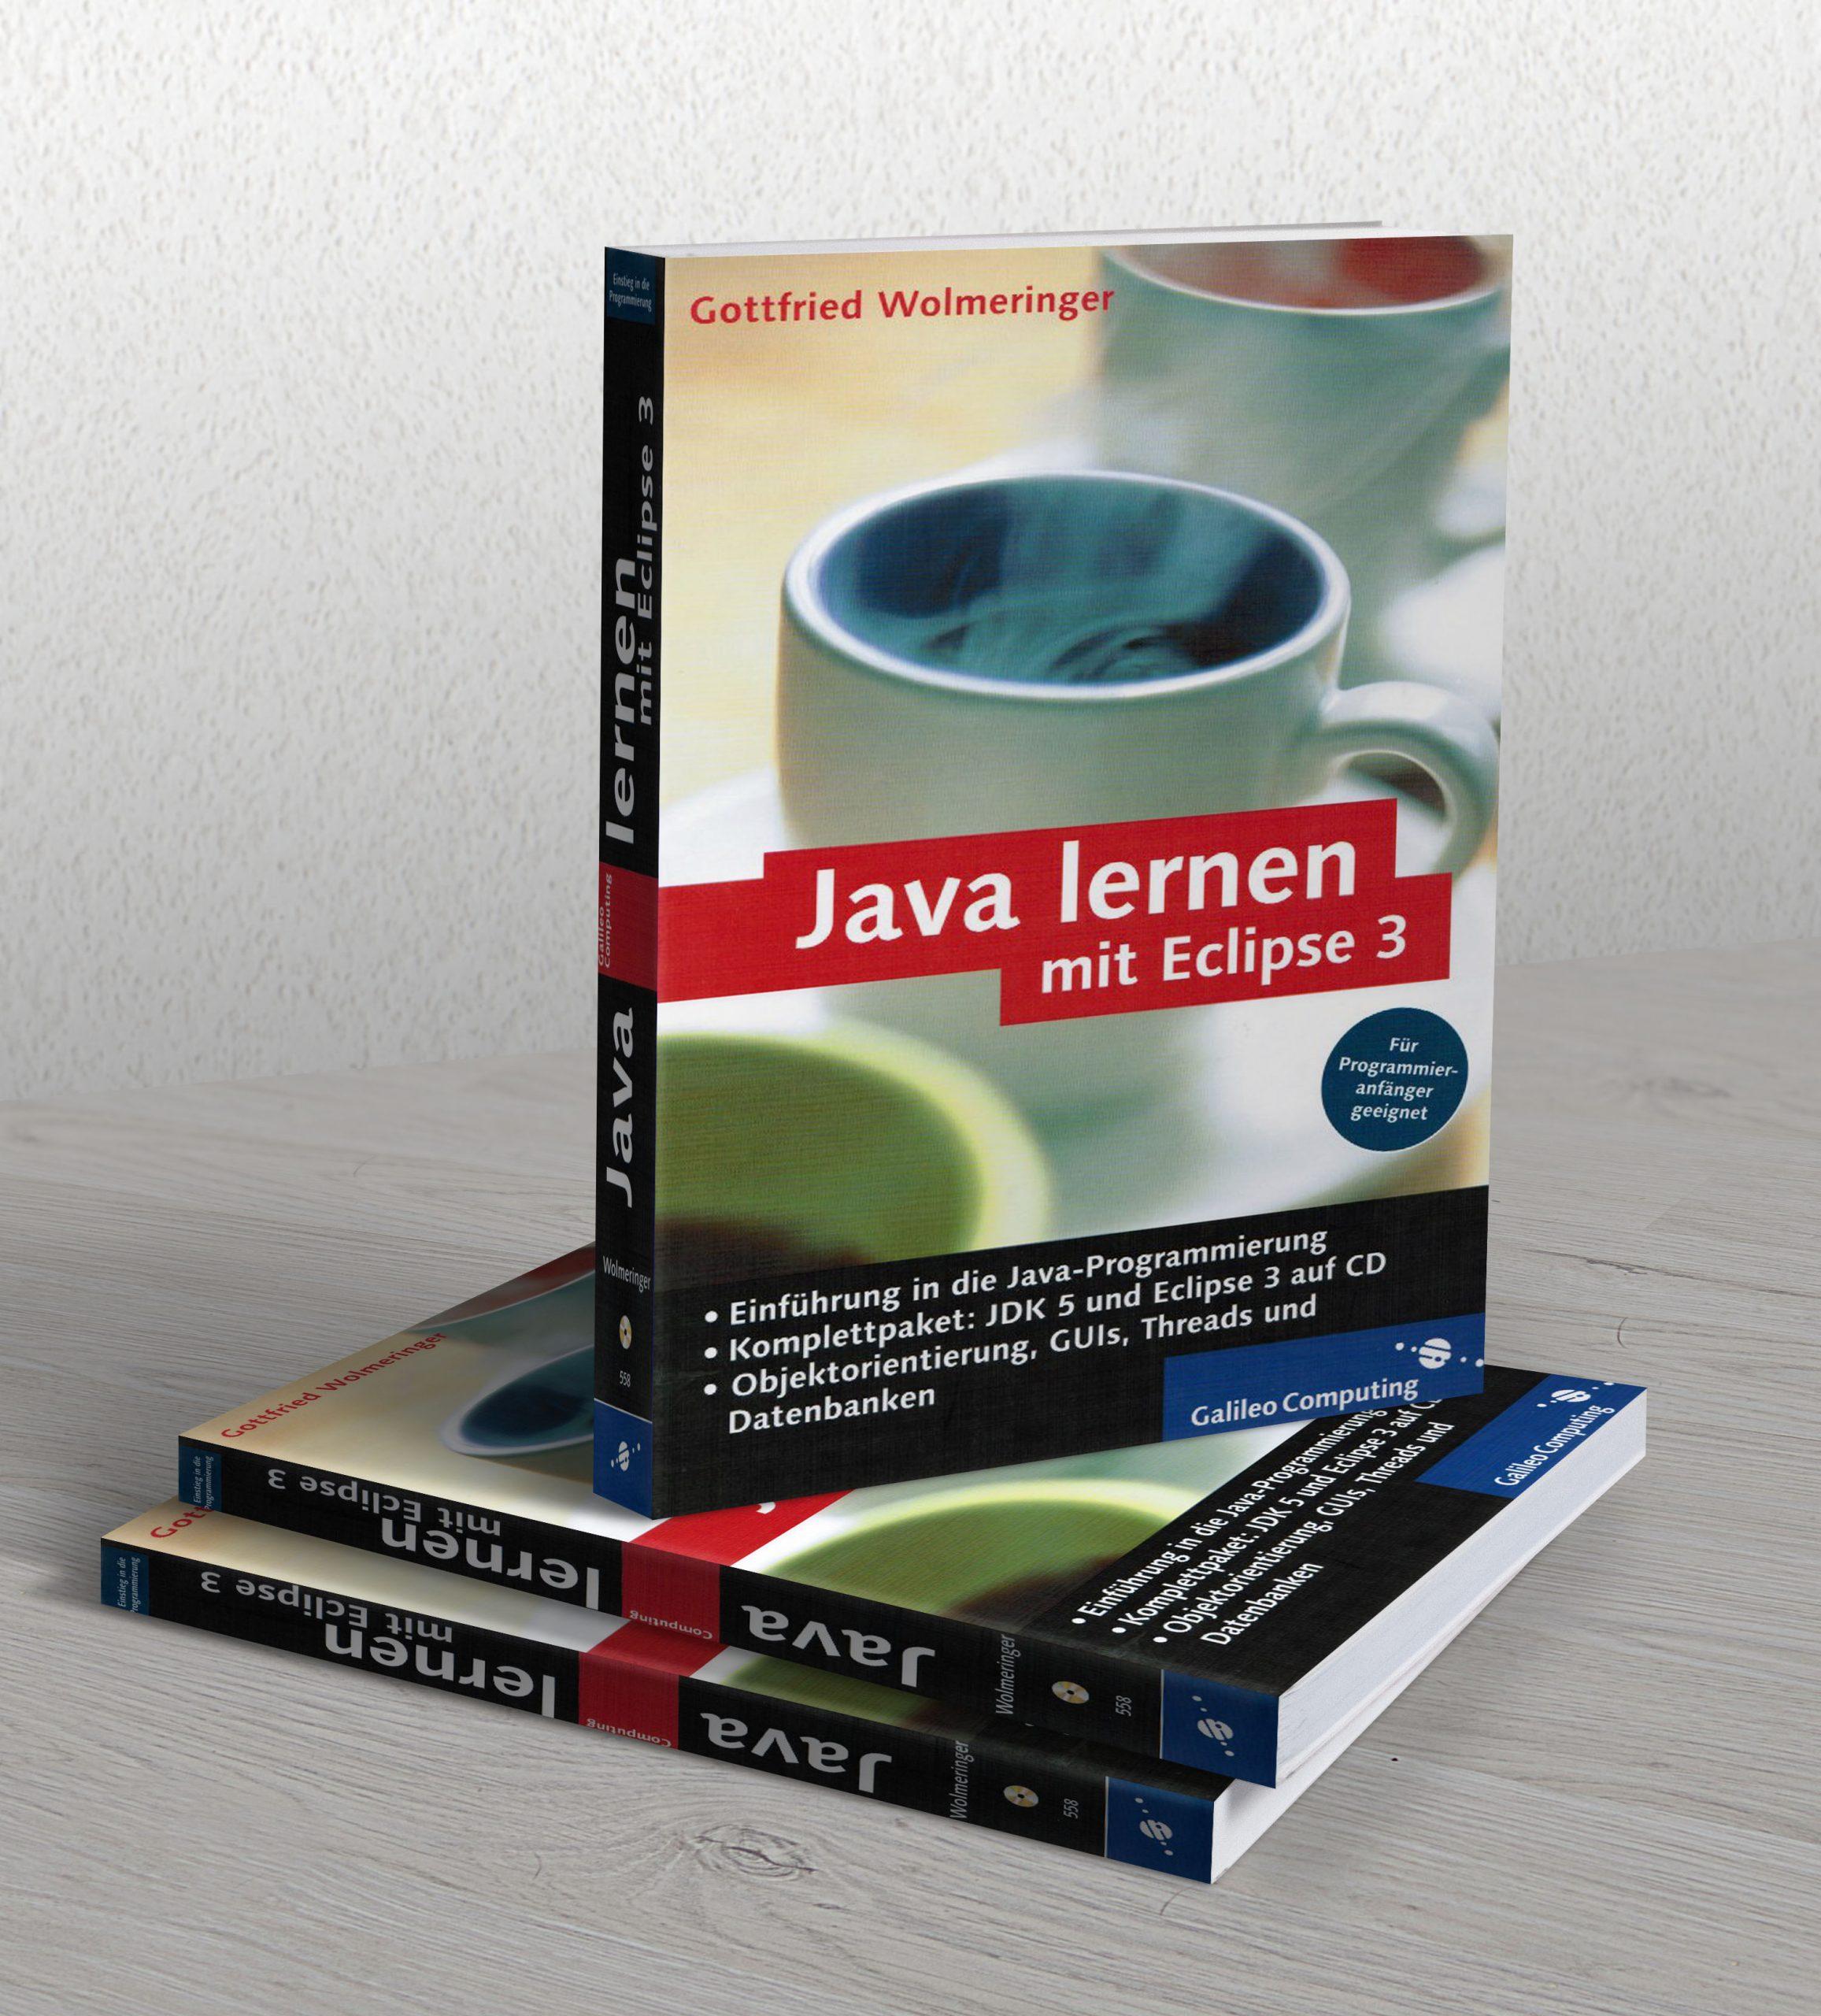 Gottfried Wolmeringer - Java lernen mit Eclipse 3